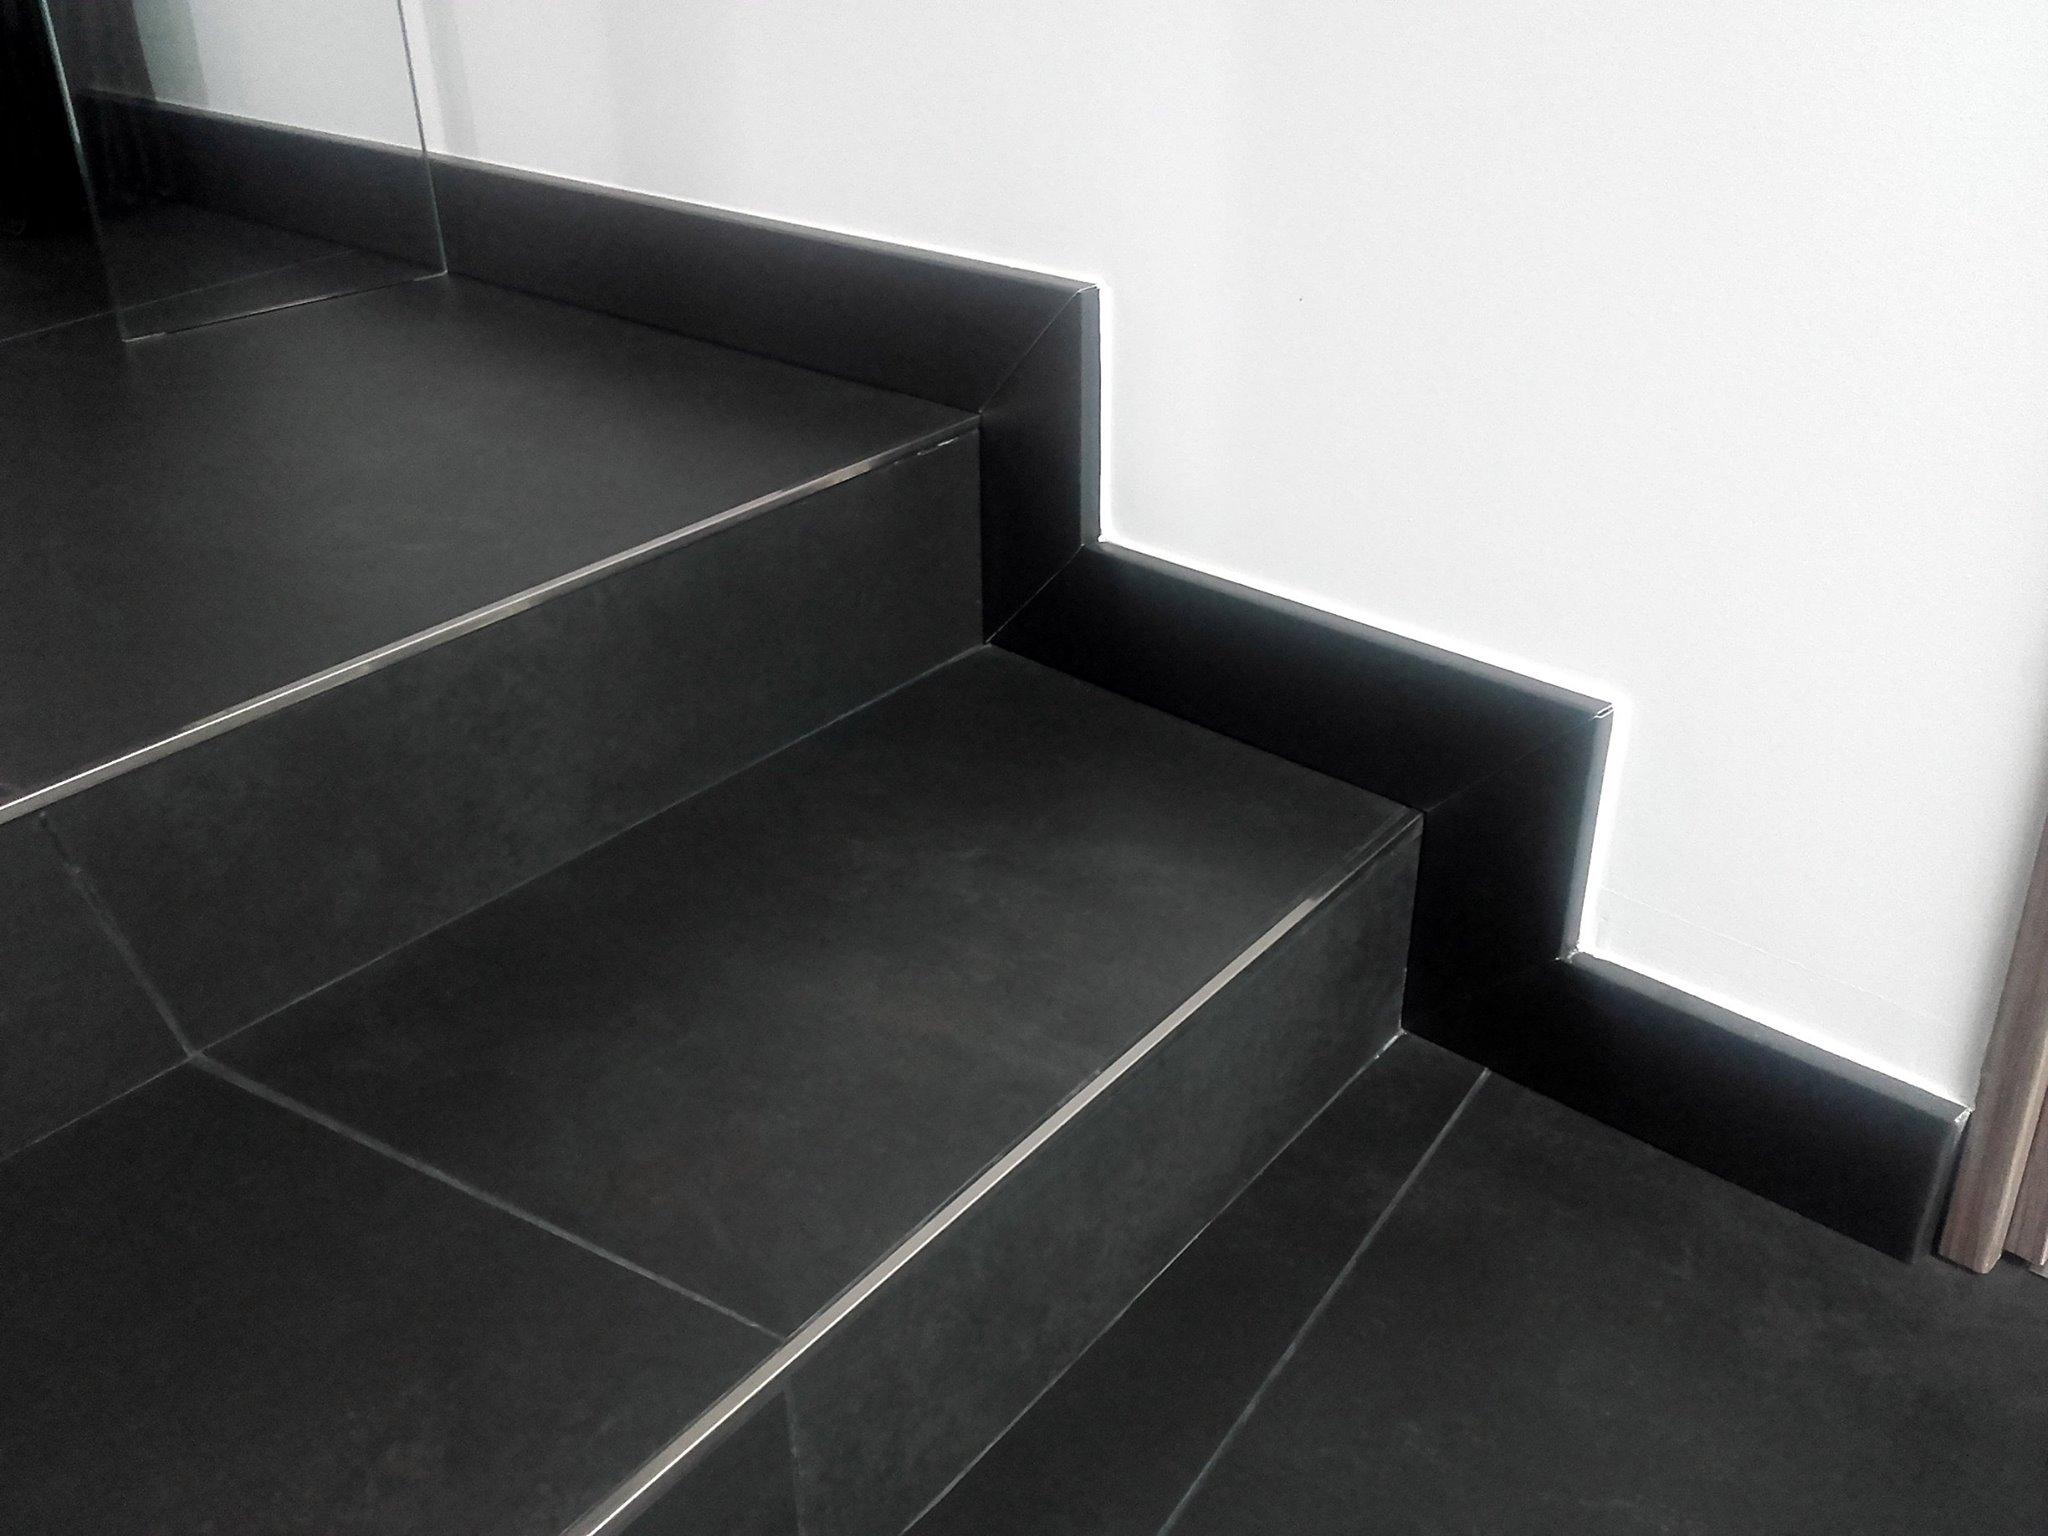 plinthes à emboîtement, en aluminium épaisseur 15/10, laquées en coloris noir 2100 sablé